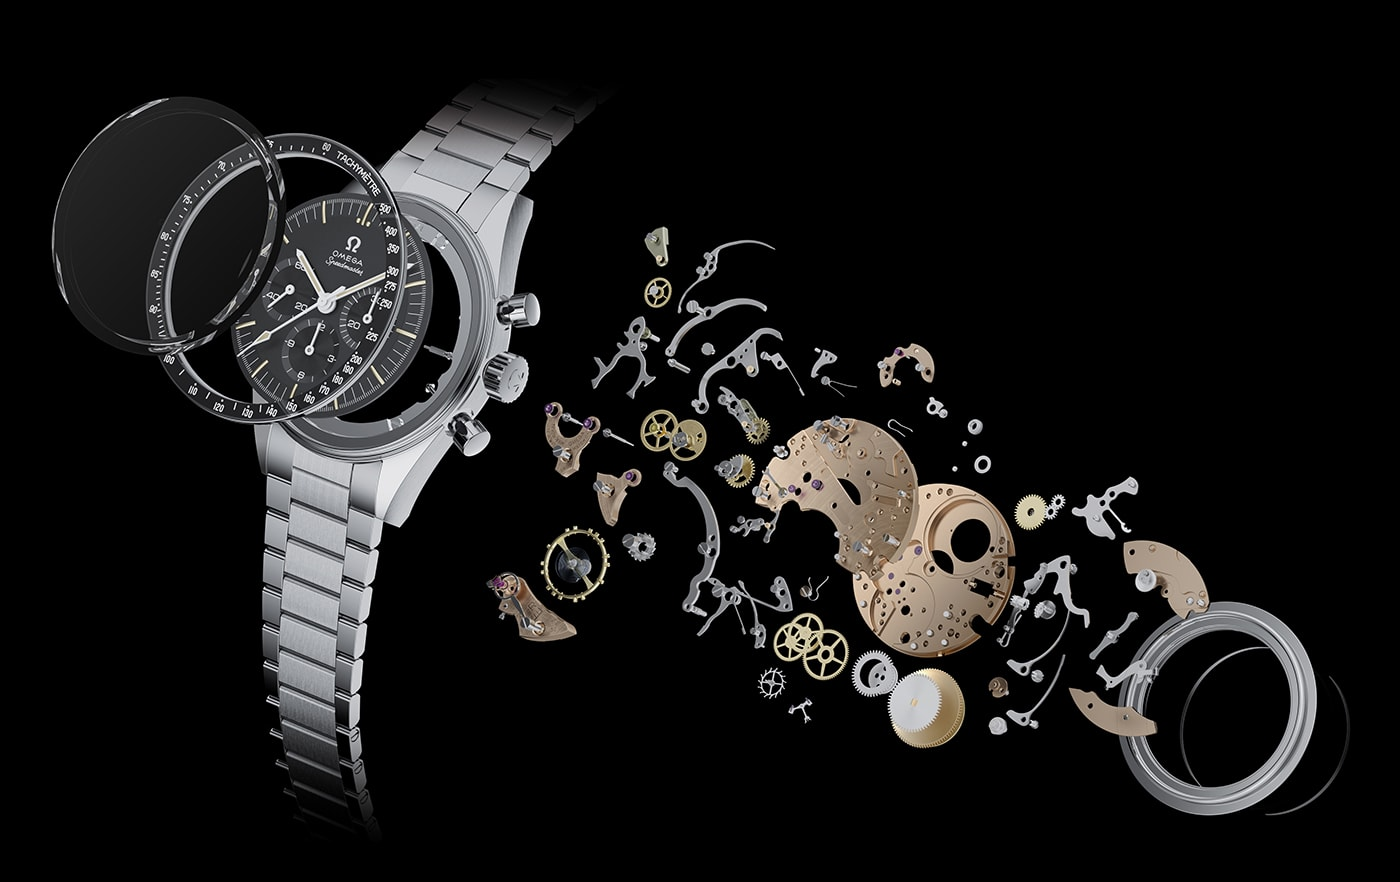 Relojes emblemáticos: Omega Speedmaster